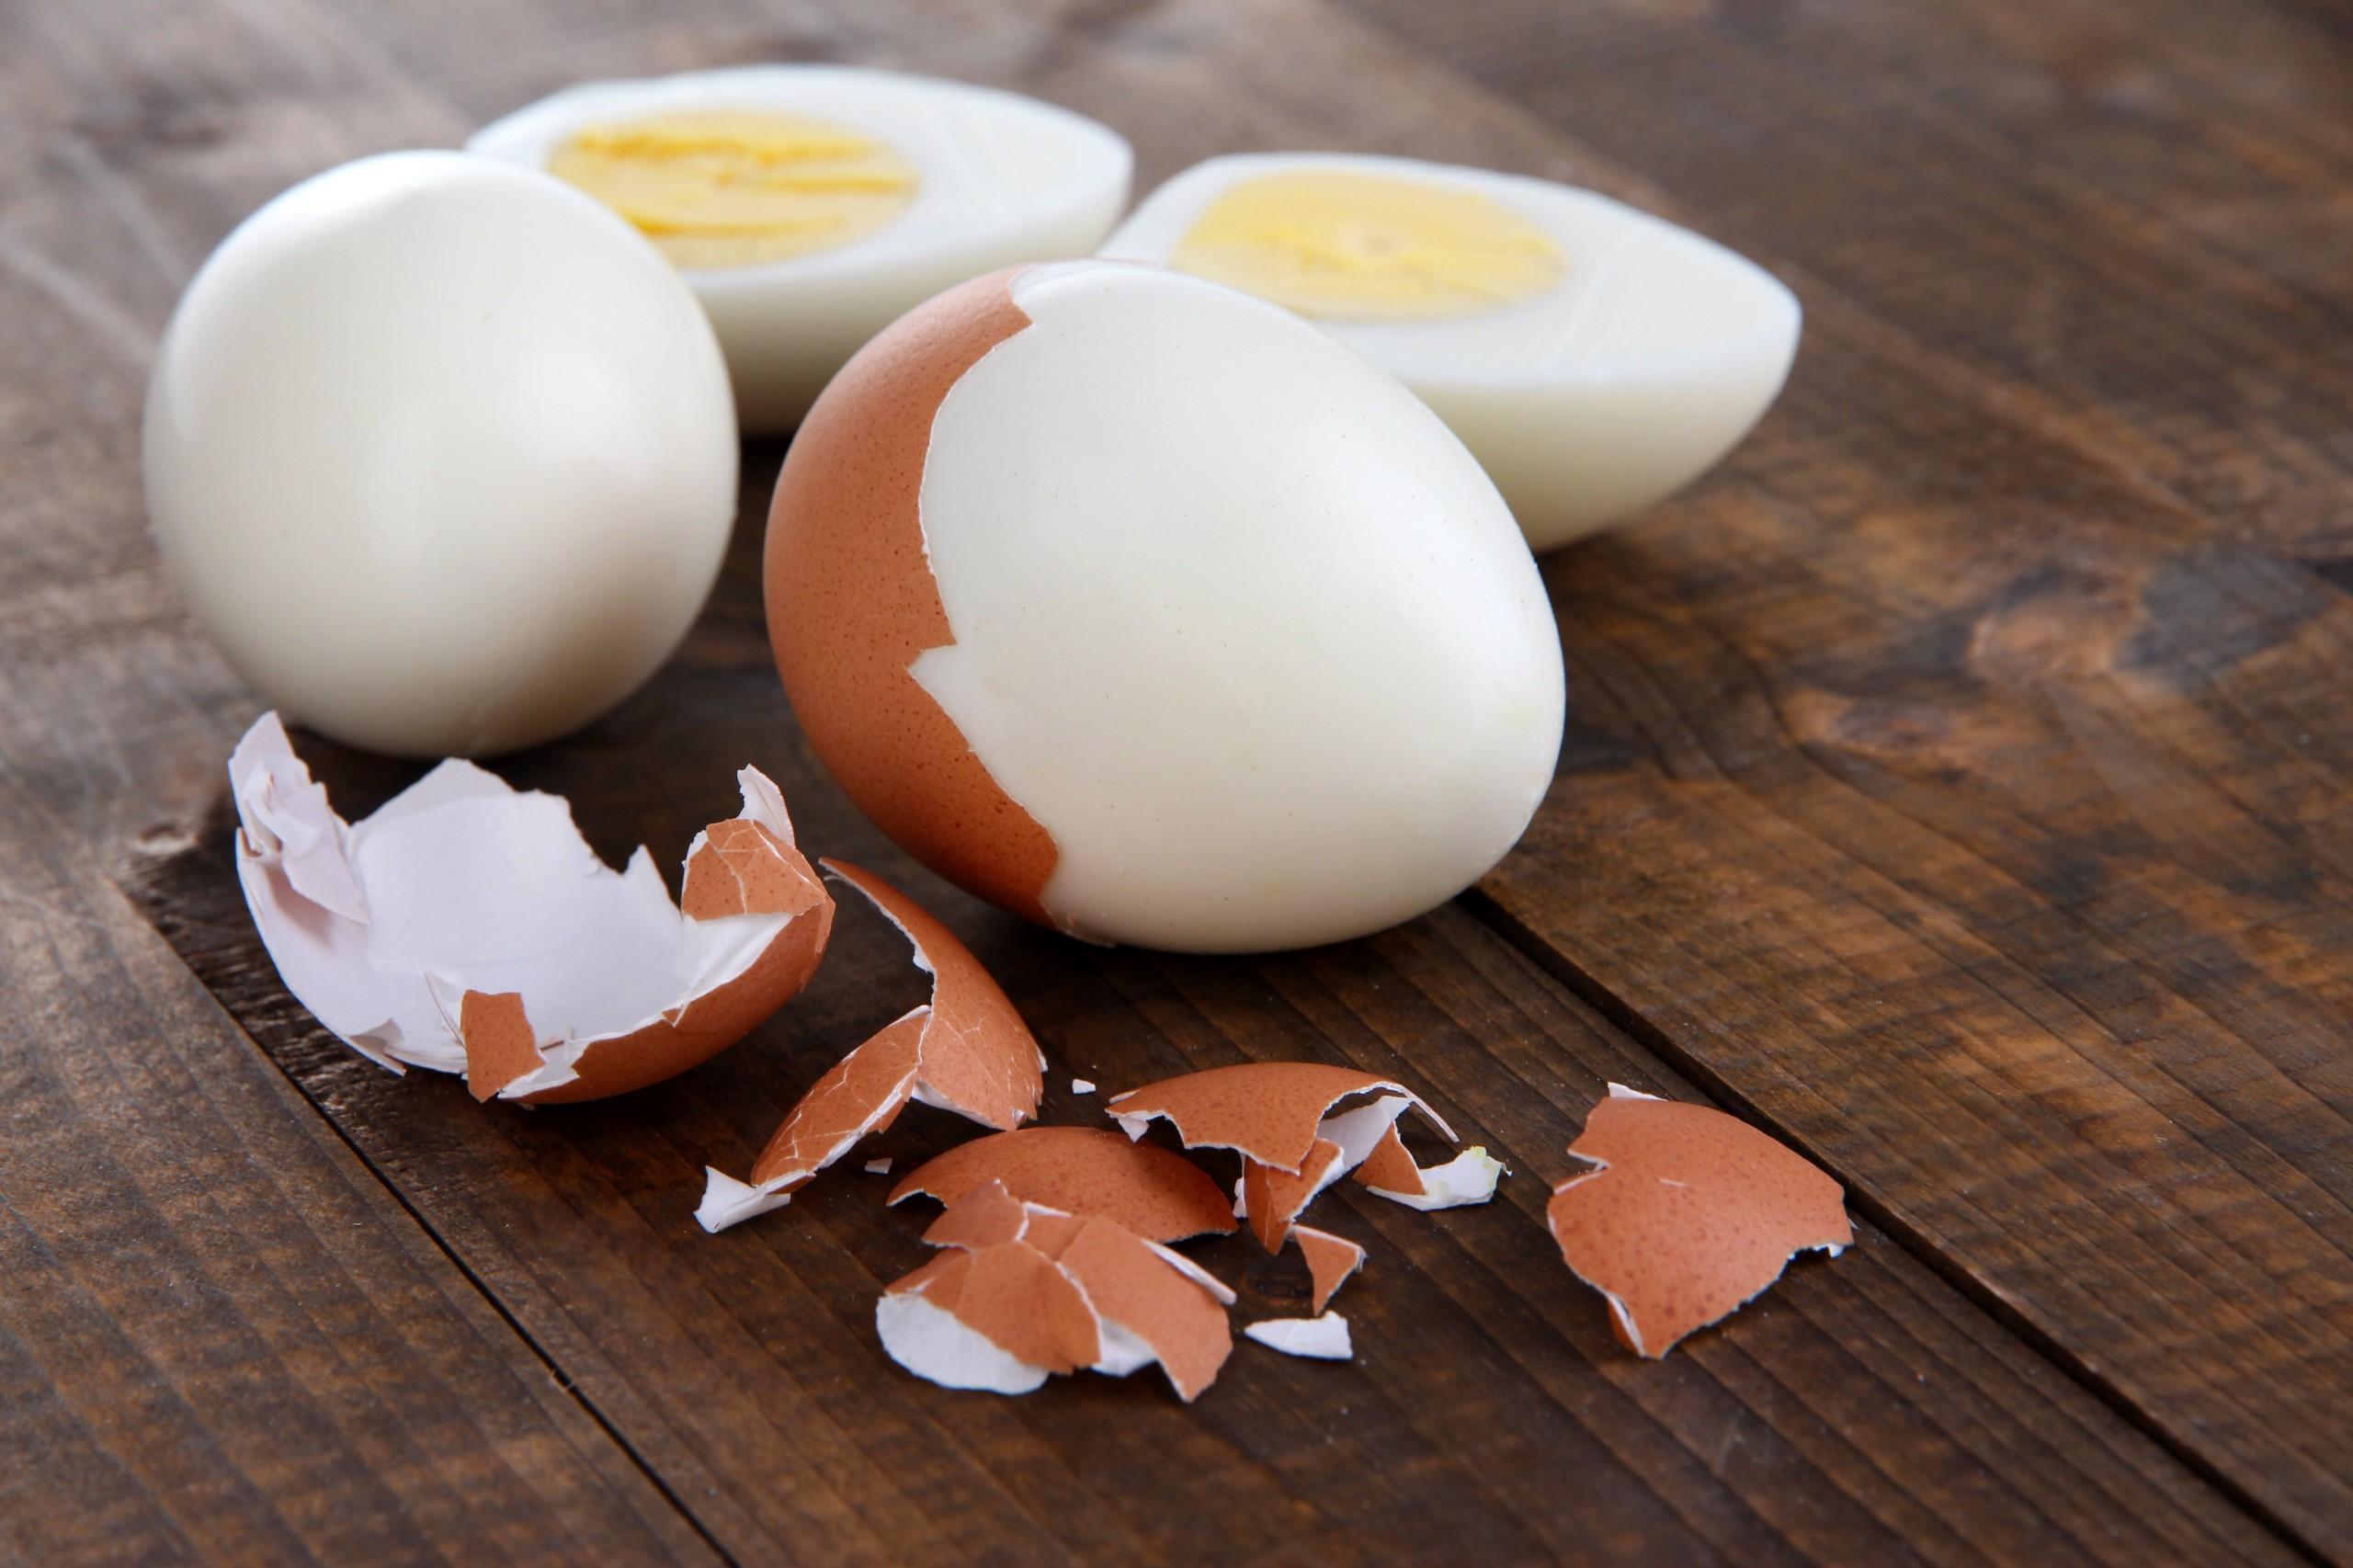 [Перевод] Что общего между чисткой яйца и DevOps?